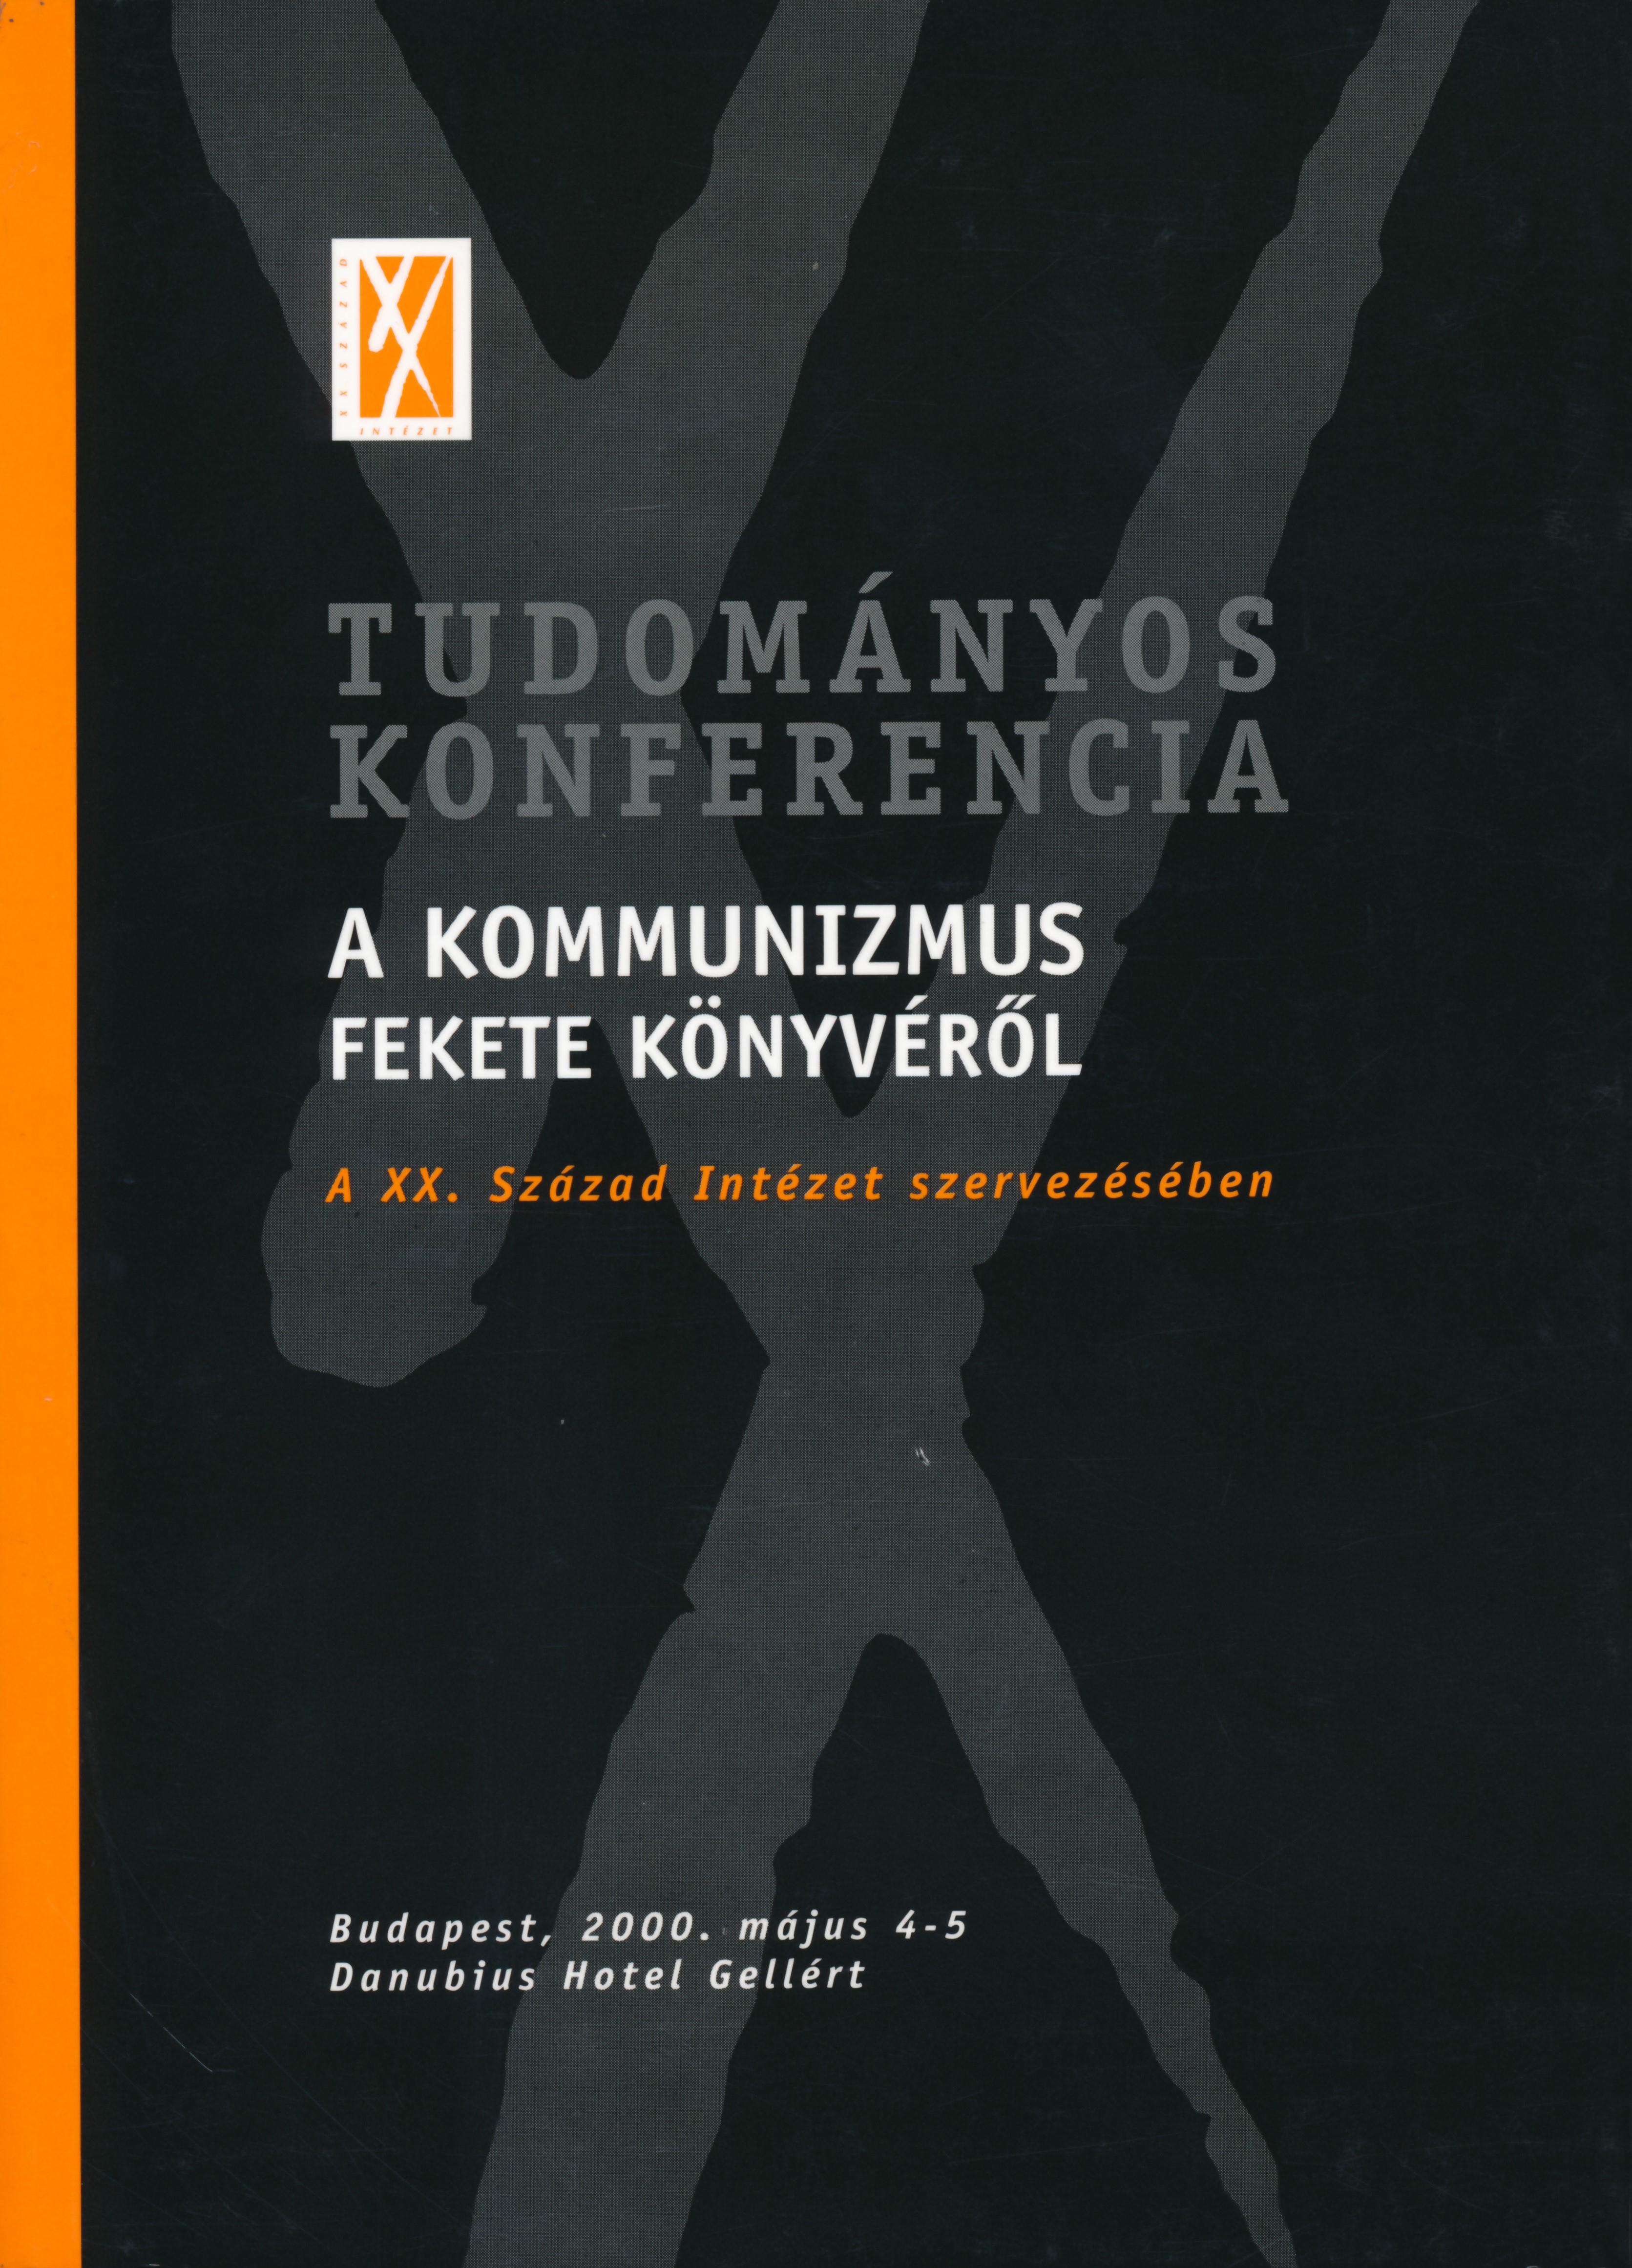 Tudományos konferencia A kommunizmus fekete könyvéről a XX. Század Intézet szervezésében